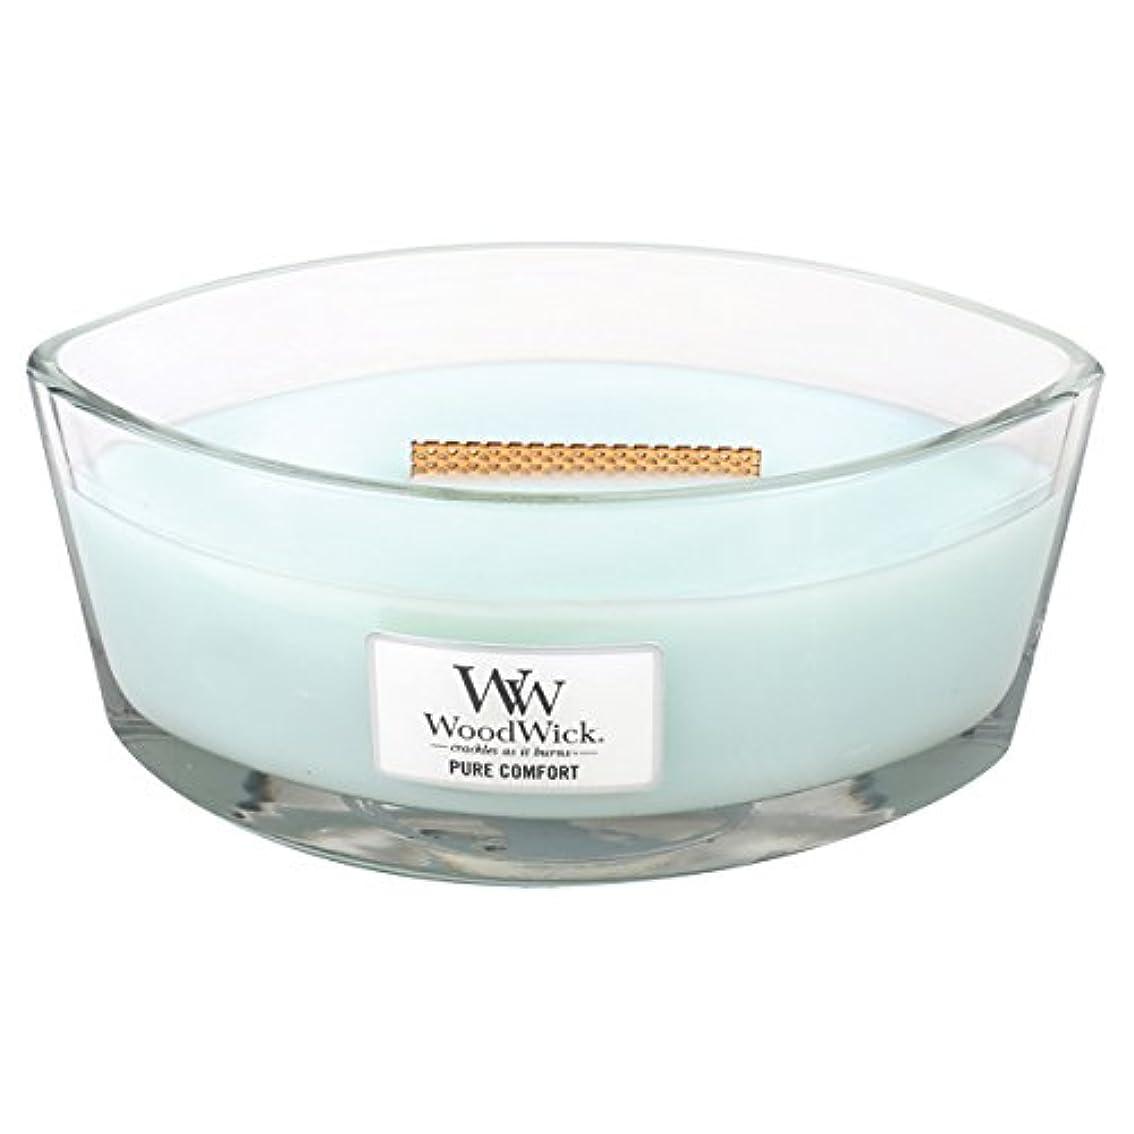 呼吸する禁止プラットフォームWood Wick ハースウィックL 「 ピュアコンフォート 」 キャンドル W940053027